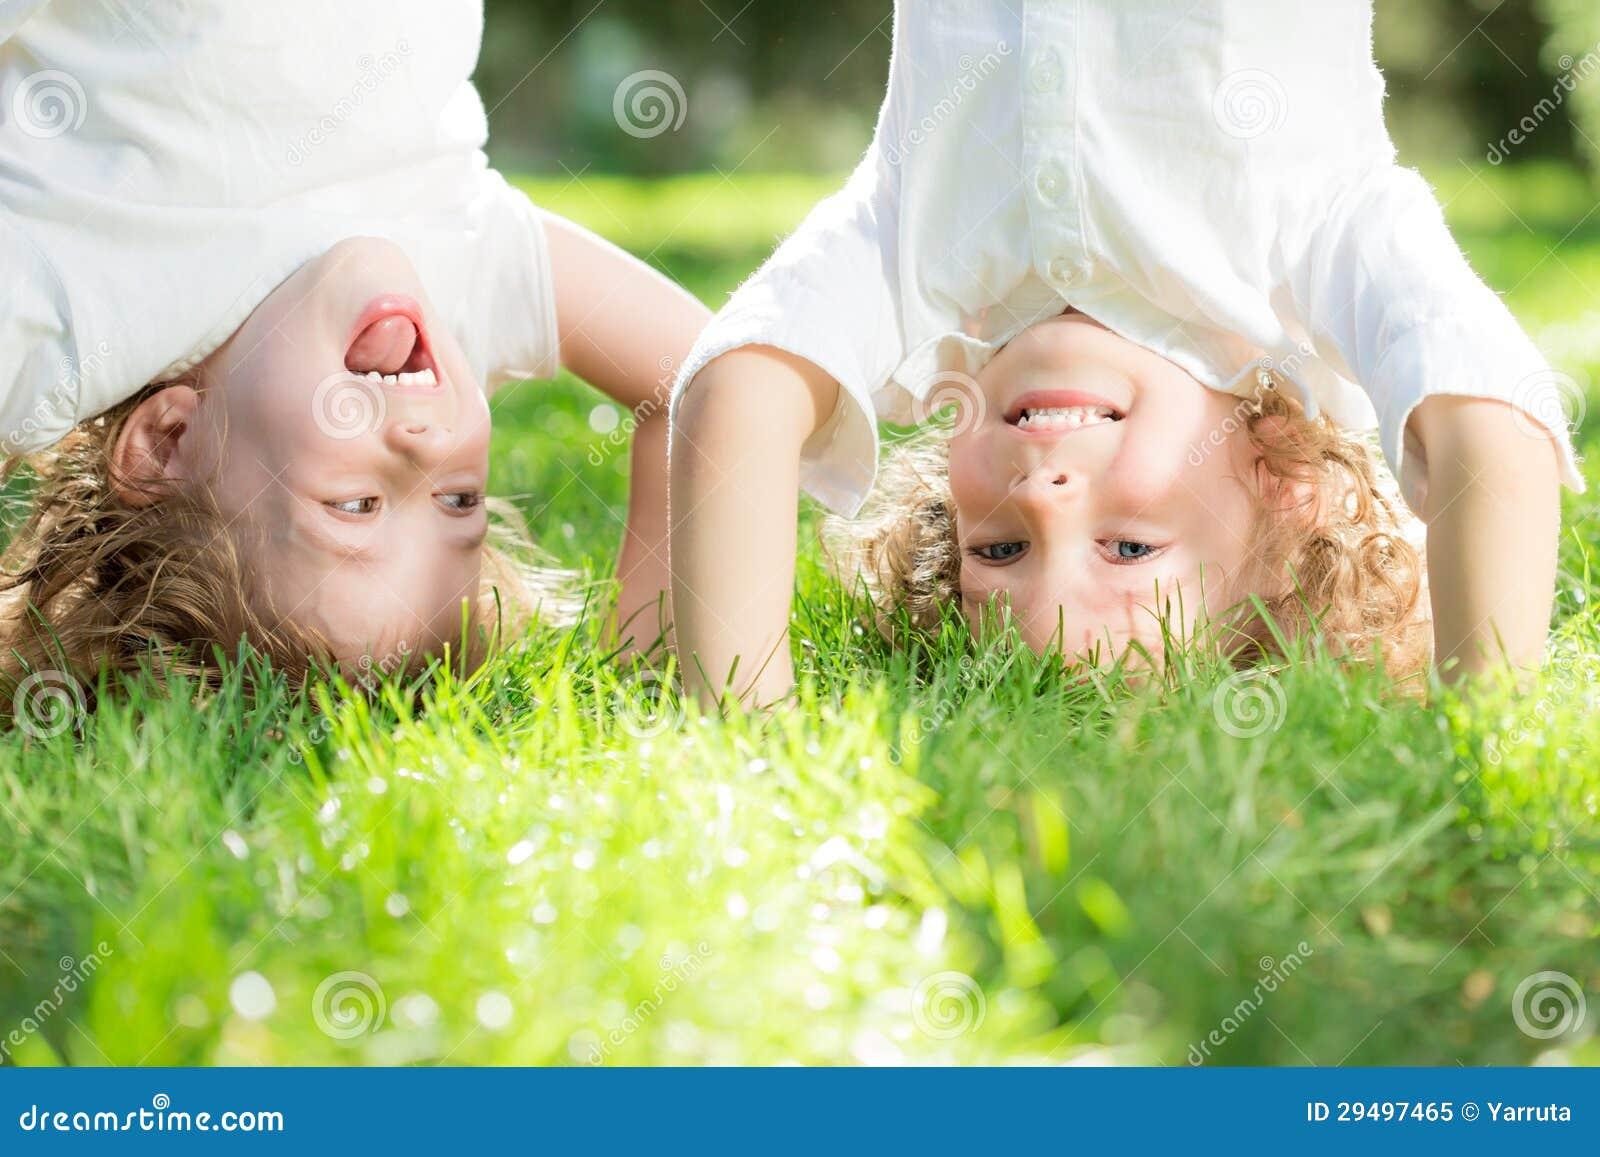 Enfant restant upside-down